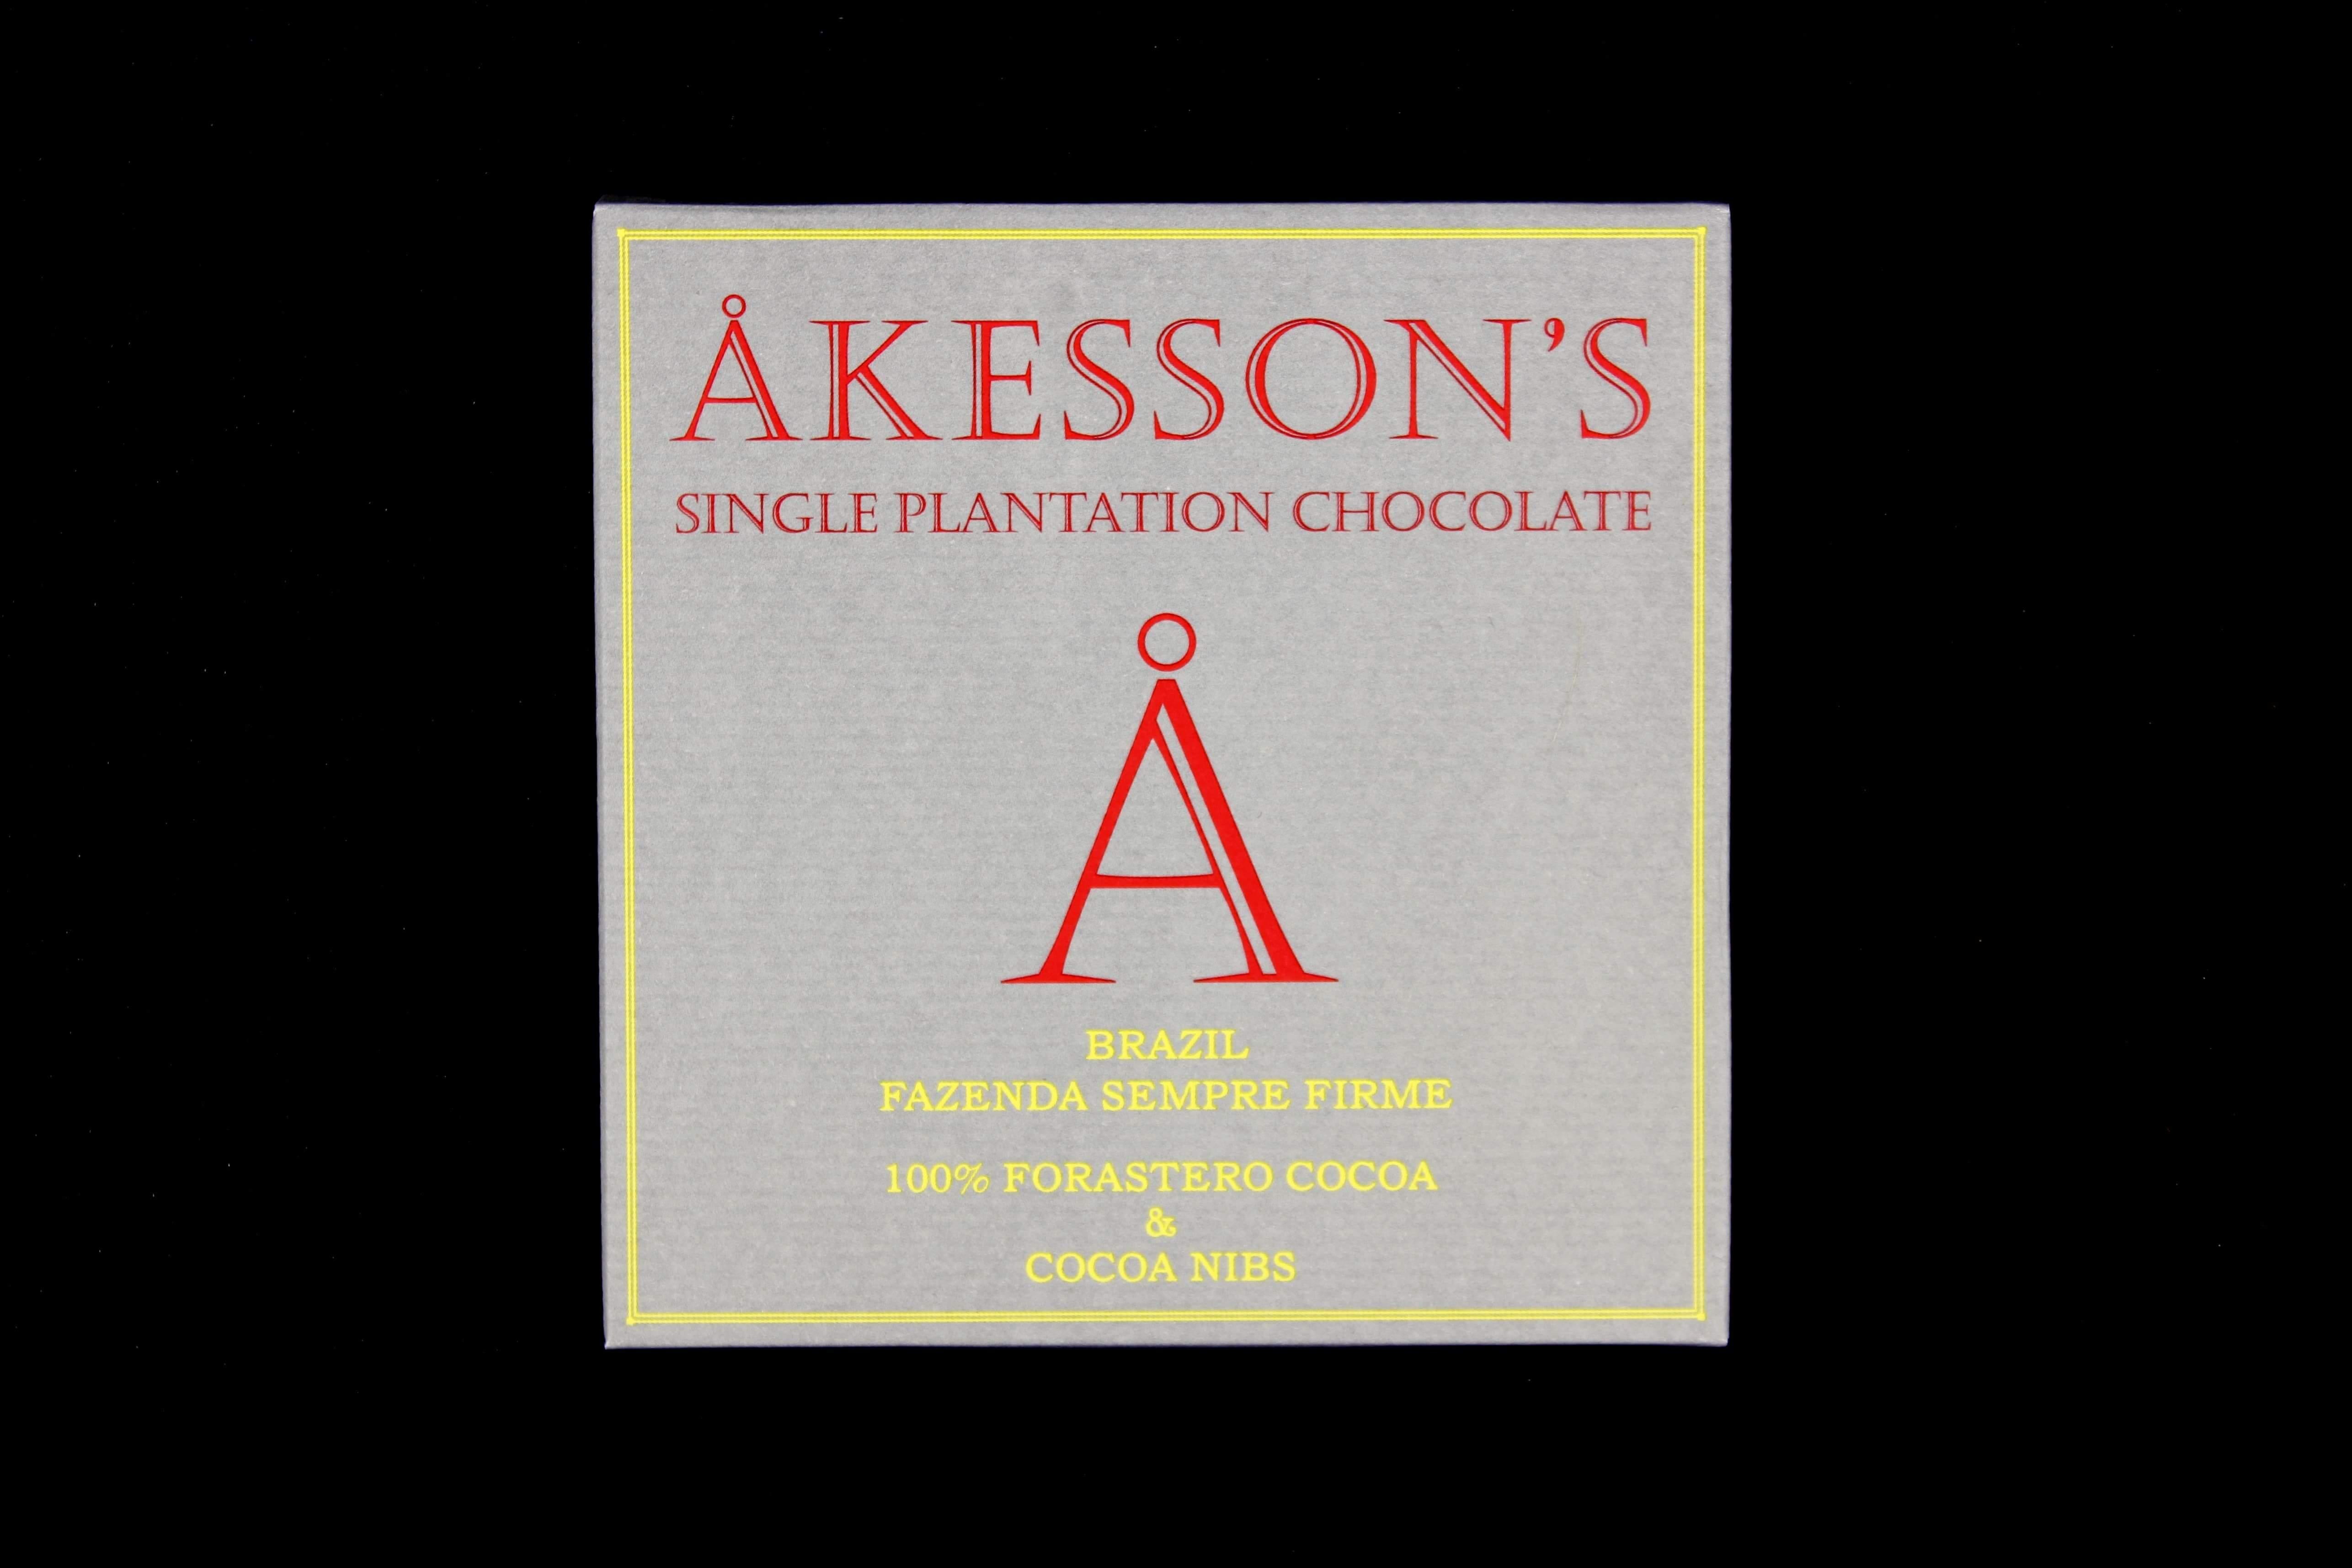 akessons brazil fazenda sempre firme 100 forastero cocoa and cocoa nibs